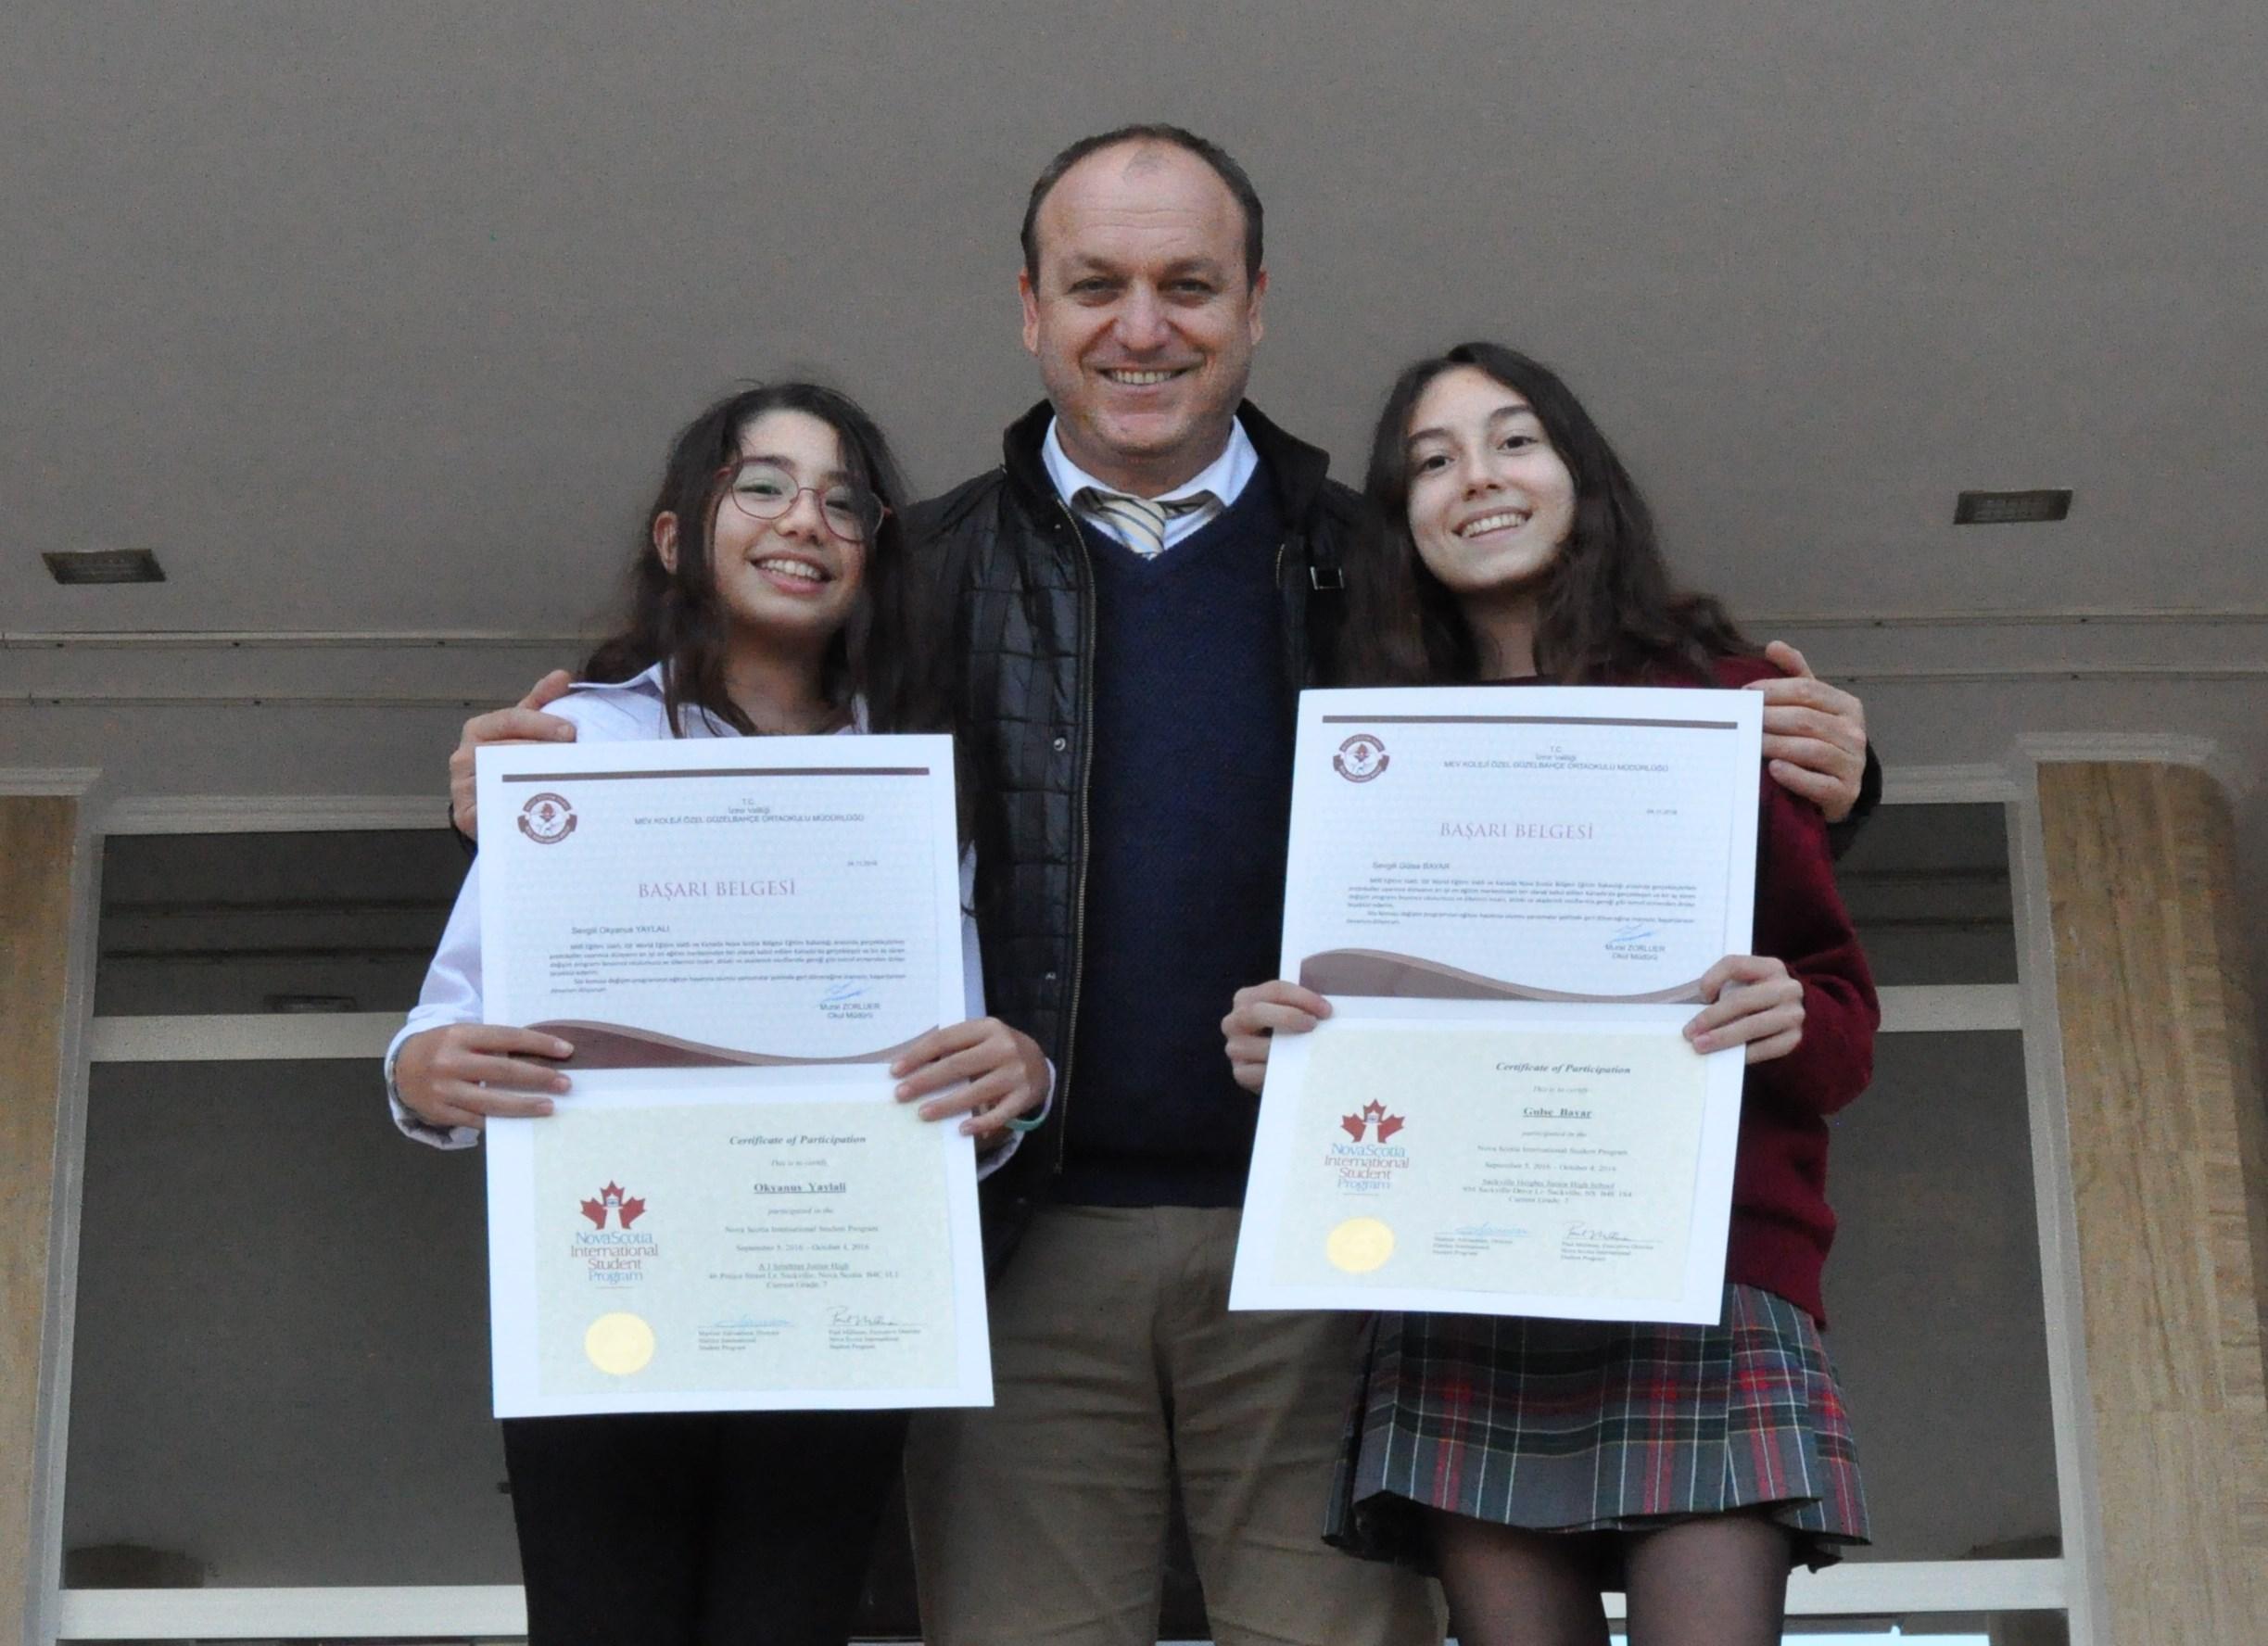 Kanada Öğrenci Değişim Programını Başarıyla Tamamladılar